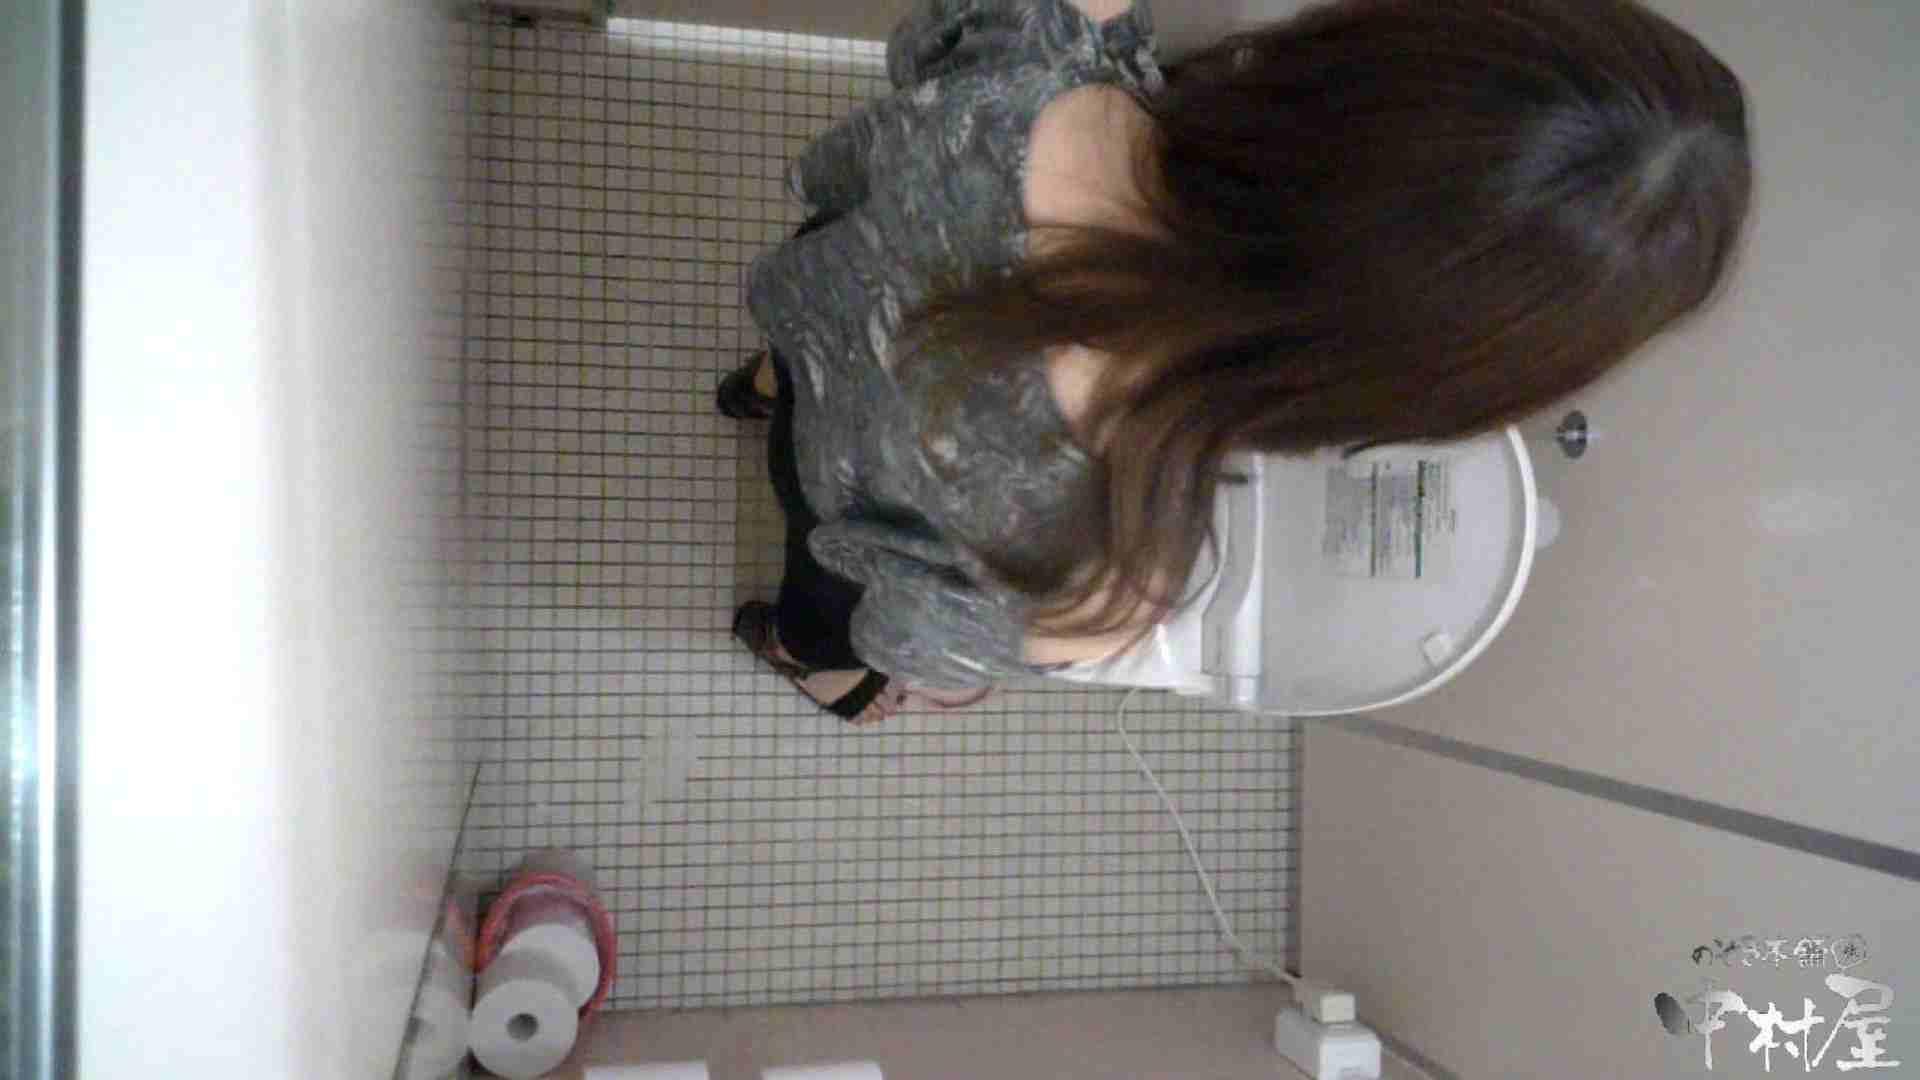 【某有名大学女性洗面所】有名大学女性洗面所 vol.43 いつみても神秘的な世界です。 洗面所 盗撮えろ無修正画像 72画像 17